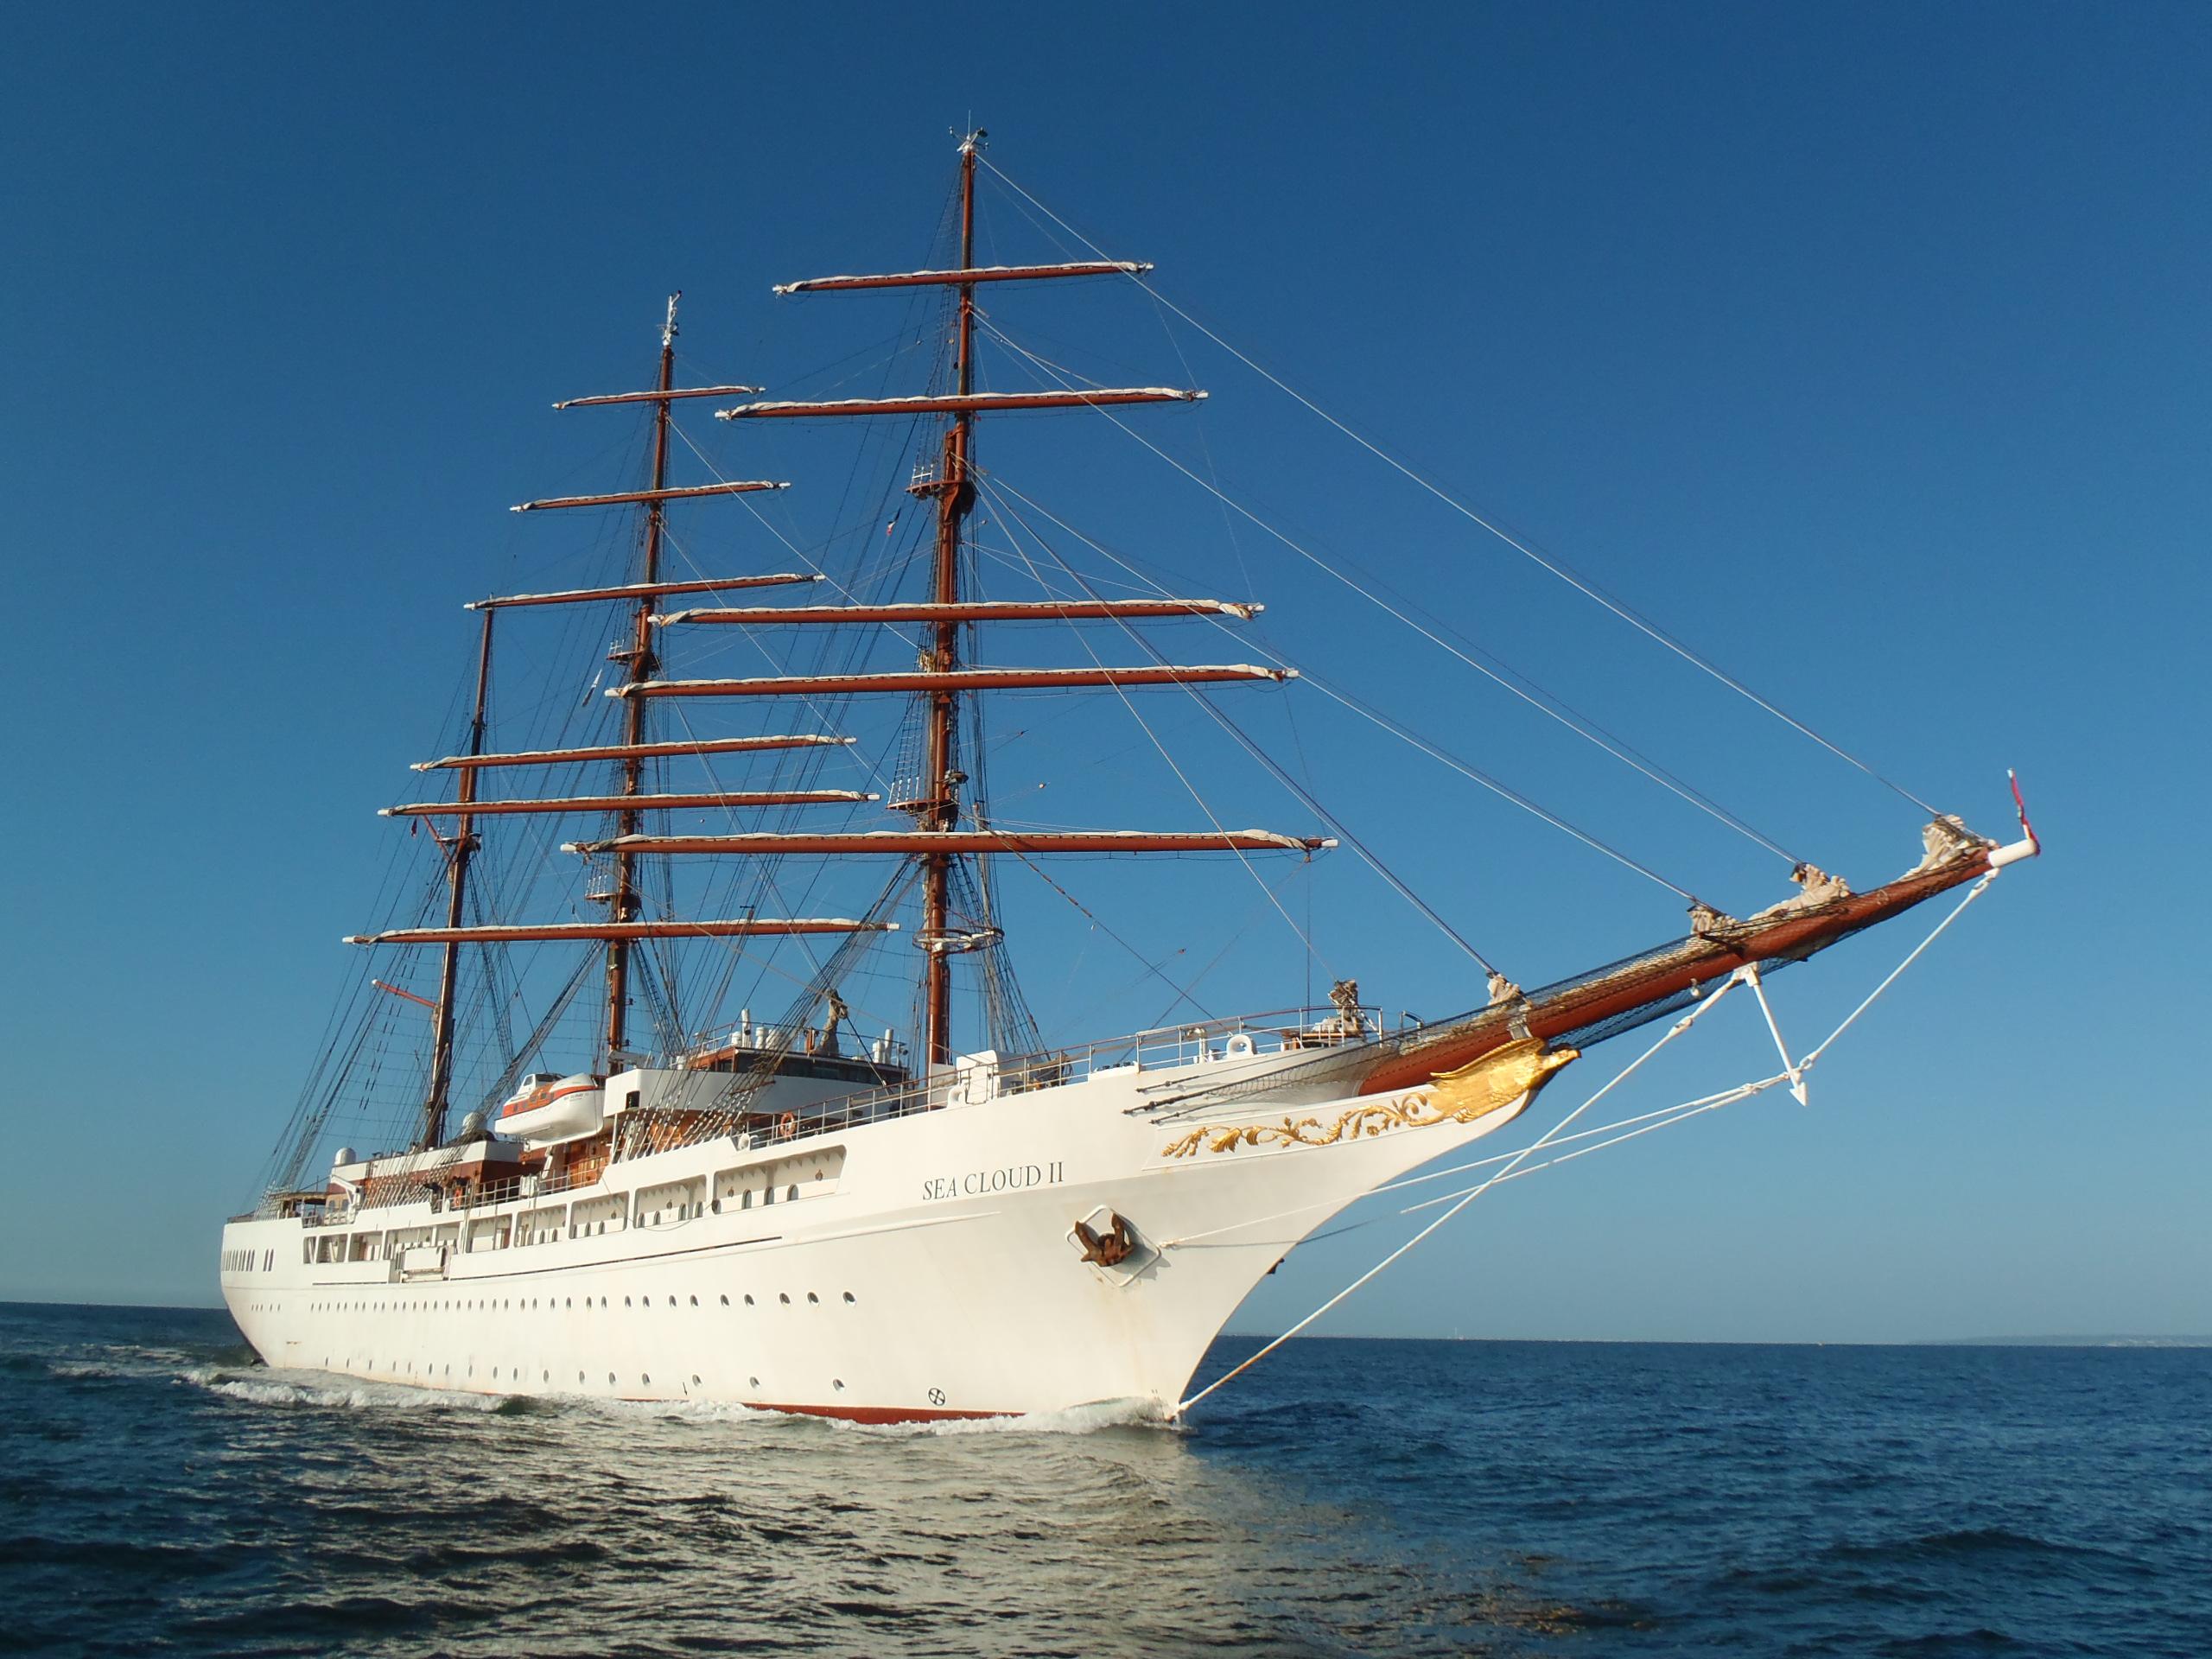 Le bateau de croisière « Sea cloud II »